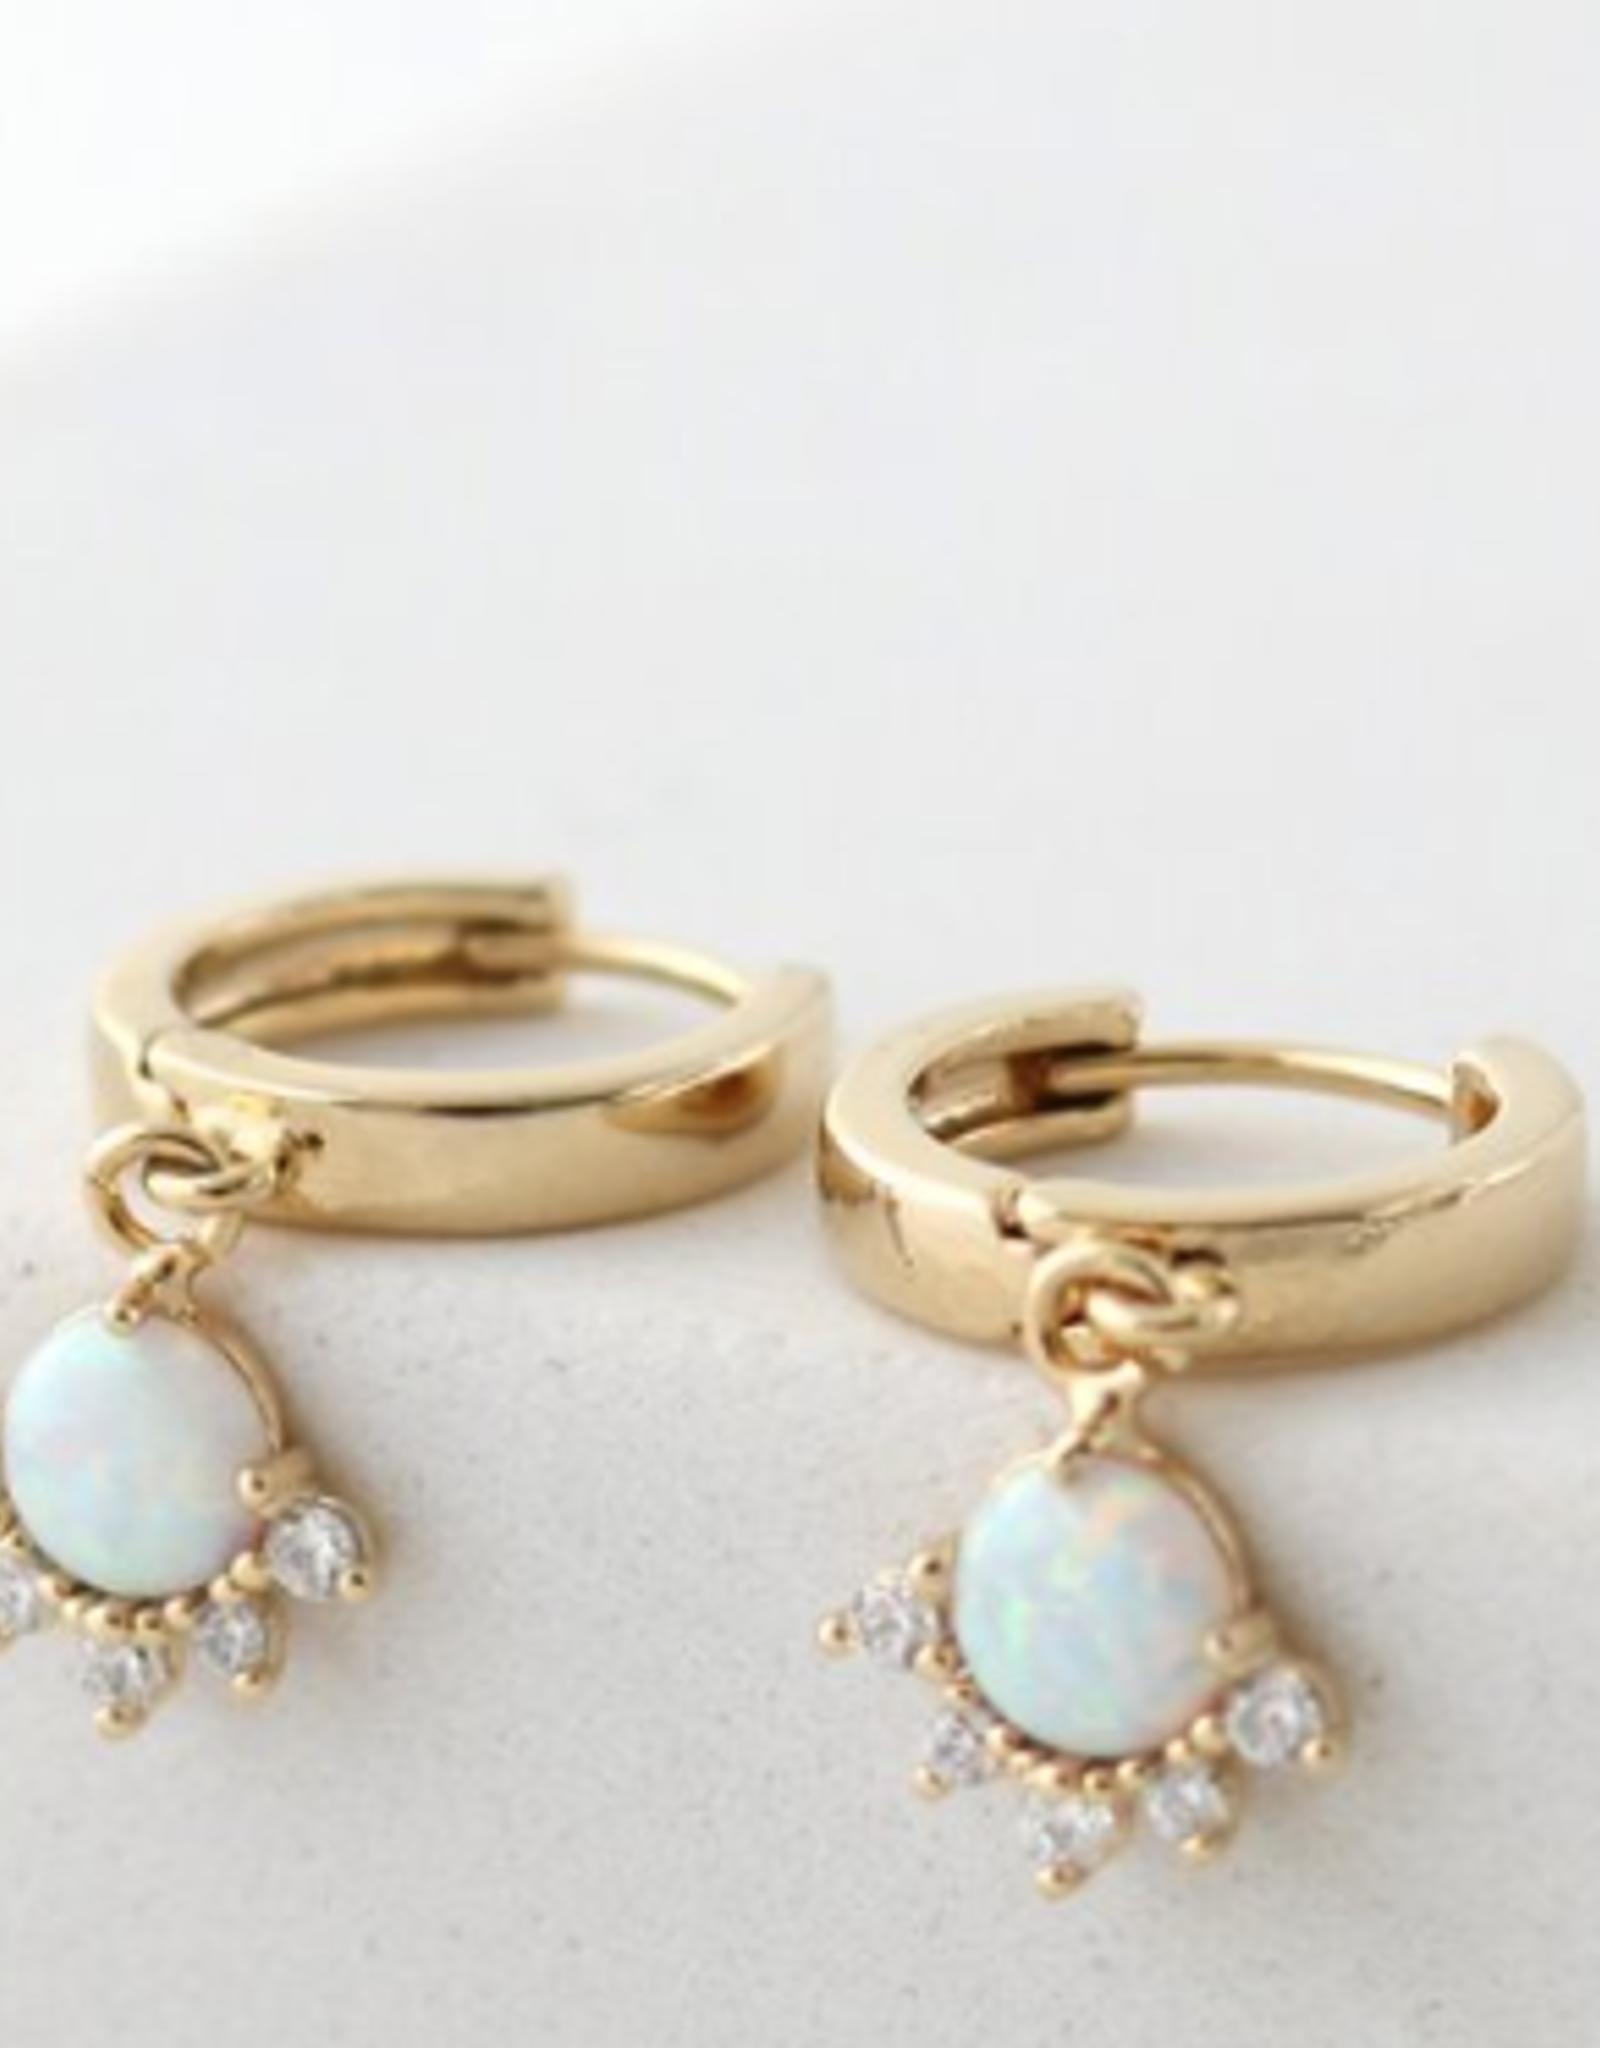 Gold Plated Brass Opal/Gold Juno Hoop Earrings